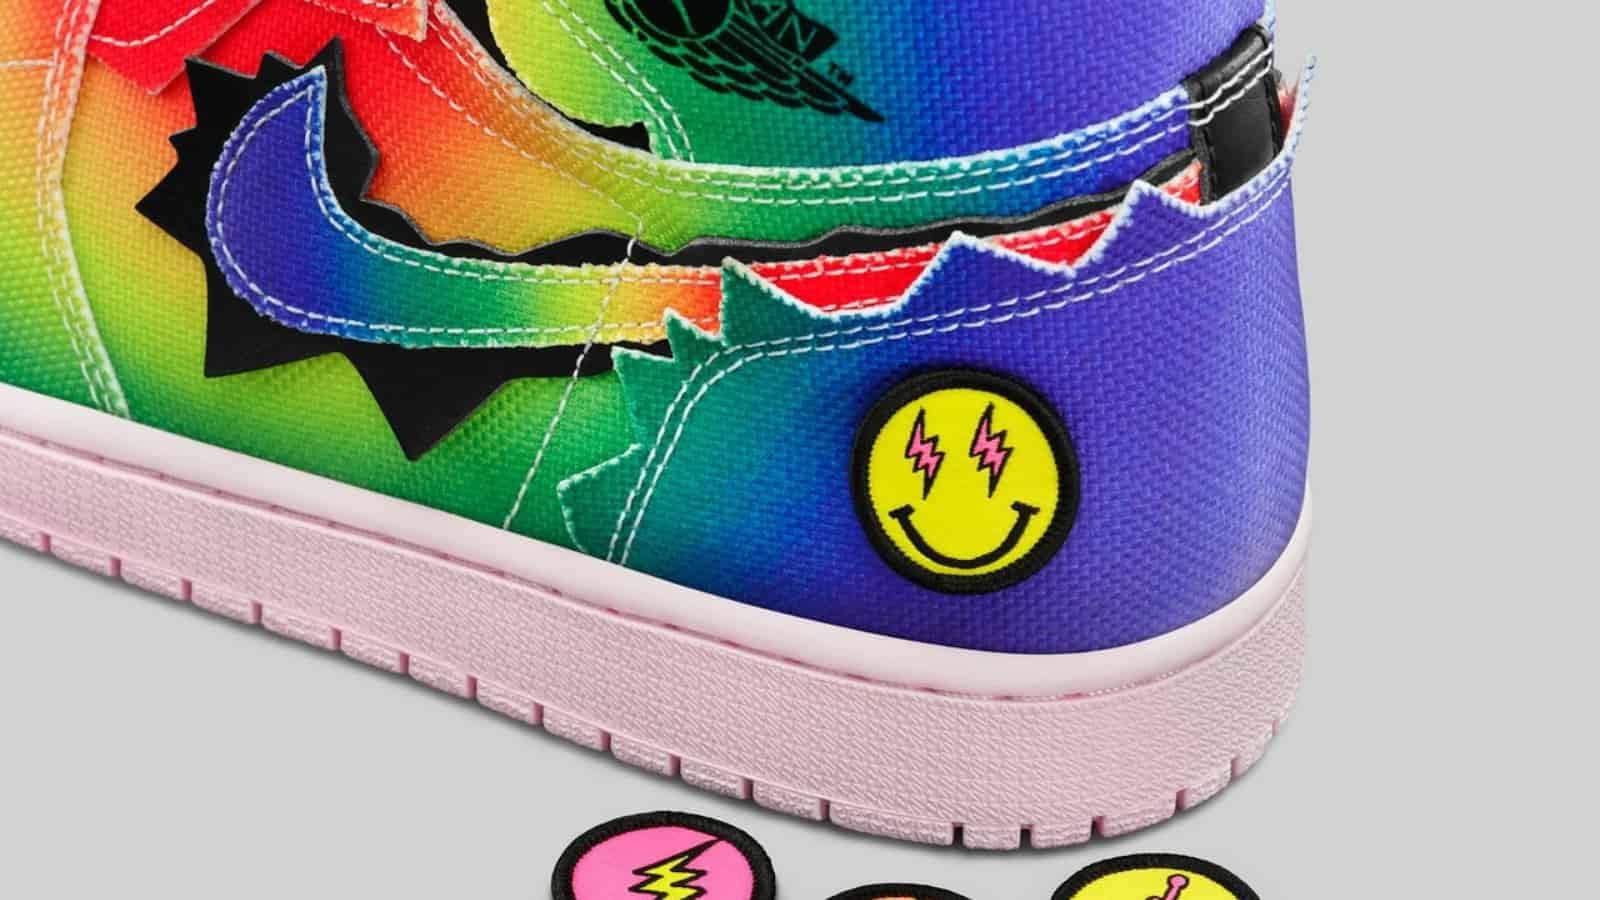 Cómo obtener los zapatos Fortnite J Balvin Air Jordan 1 del modo creativo gratis